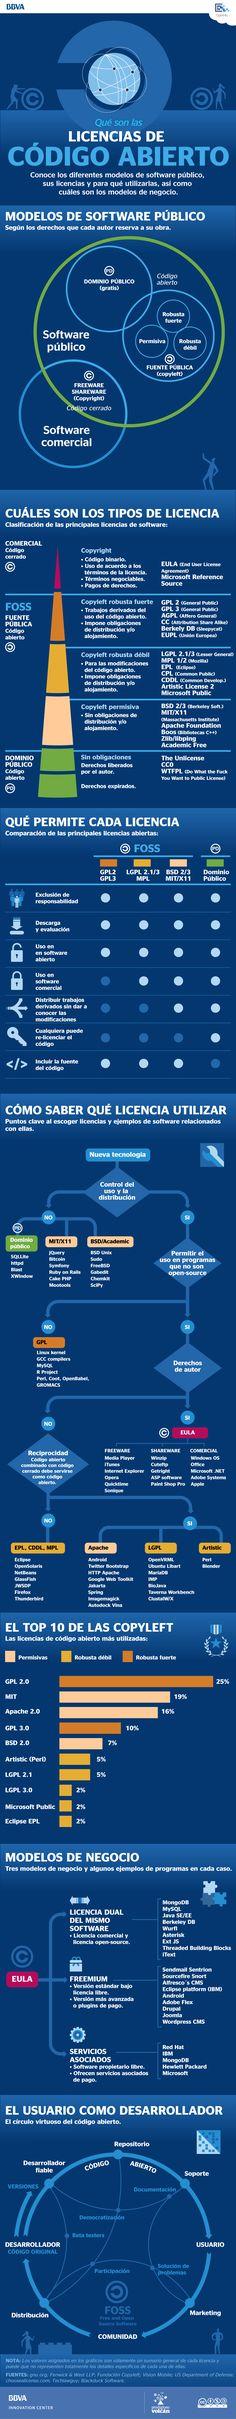 Infografía de las licencias de código abierto